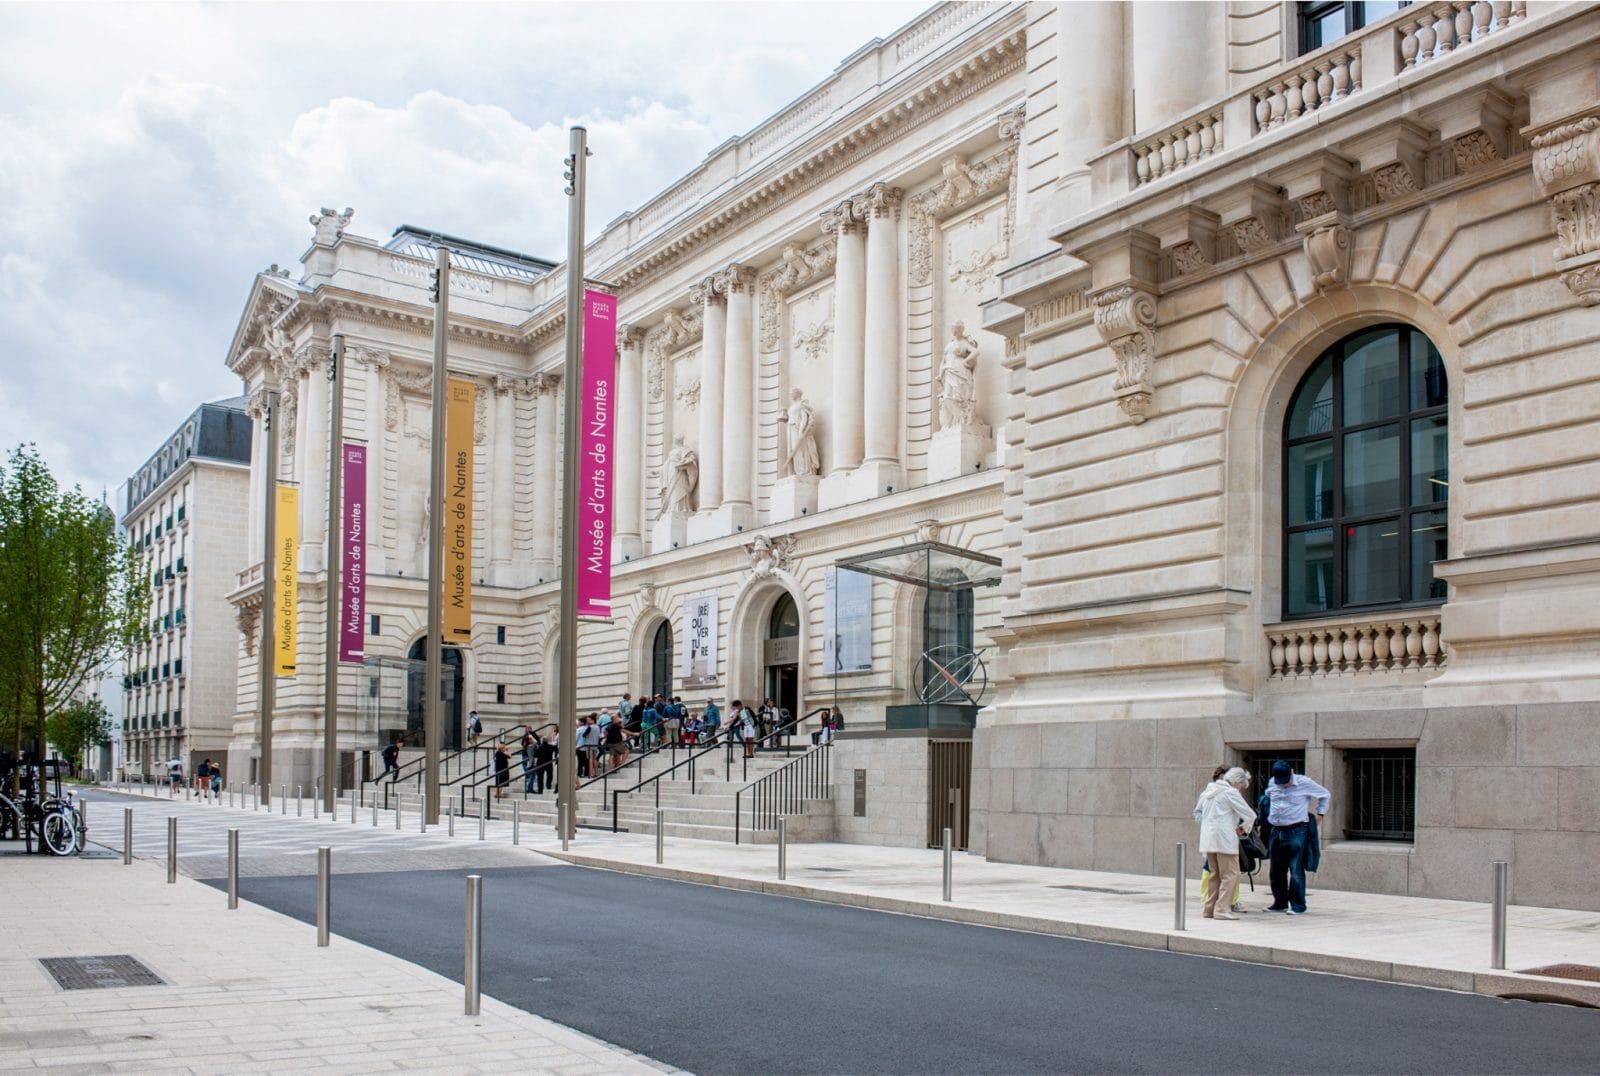 Музей изящных искусств (Musée d'Arts de Nantes)